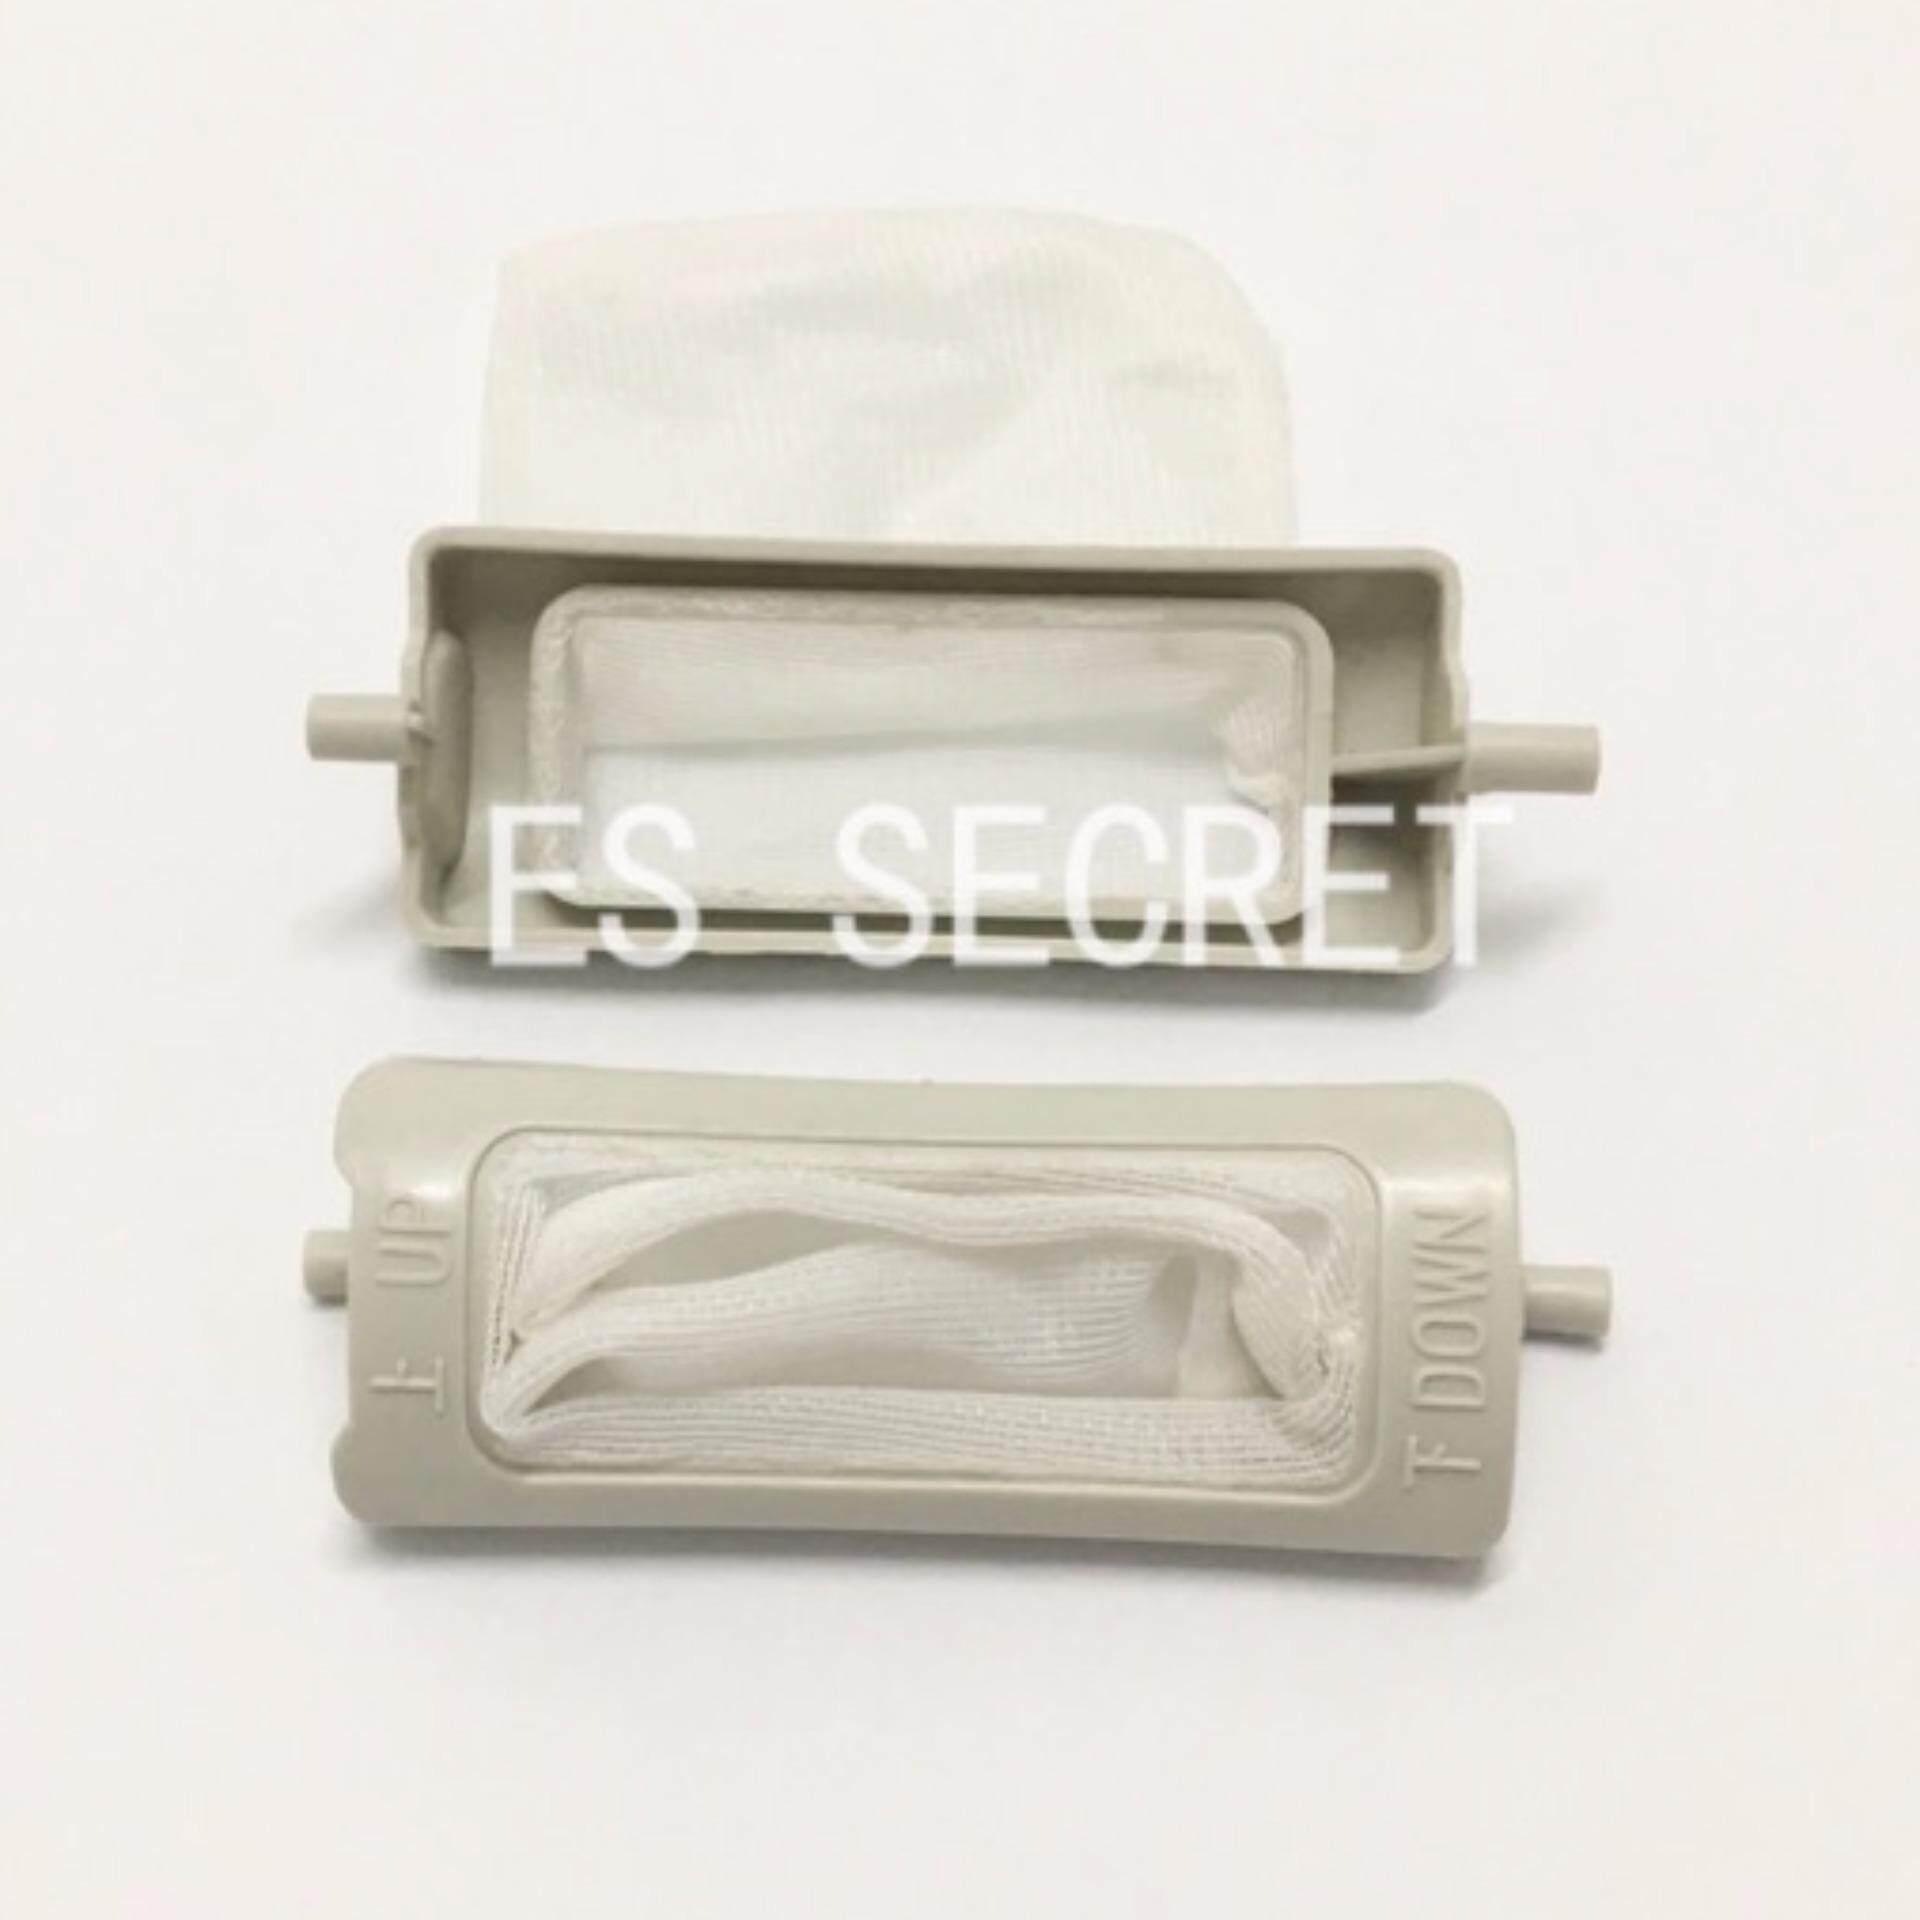 Khind Washing Machine Dust Filter